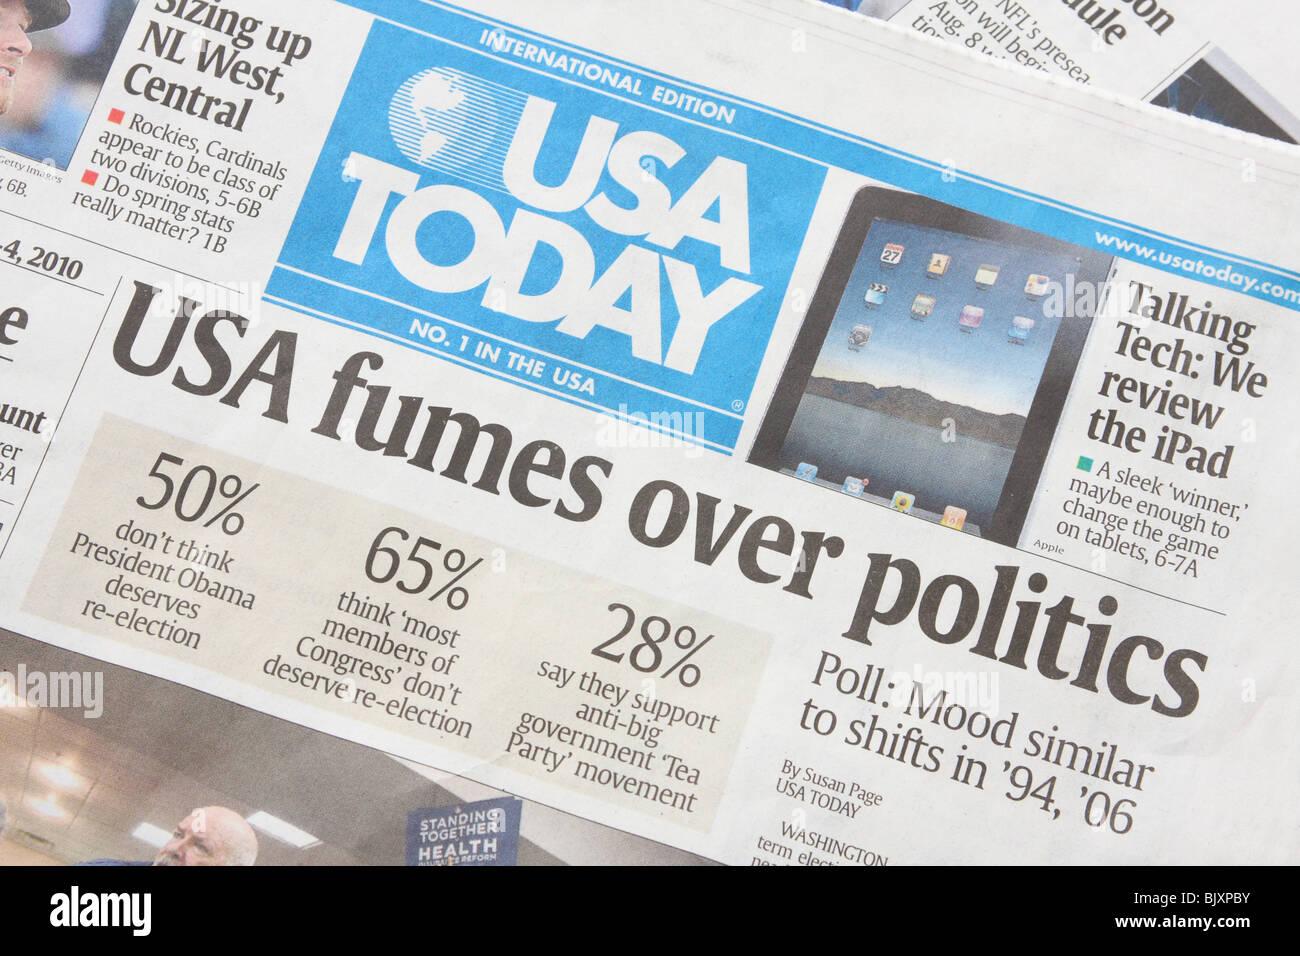 Politischen Schlagzeilen in der internationalen Ausgabe der Zeitung USA Today. Stockfoto